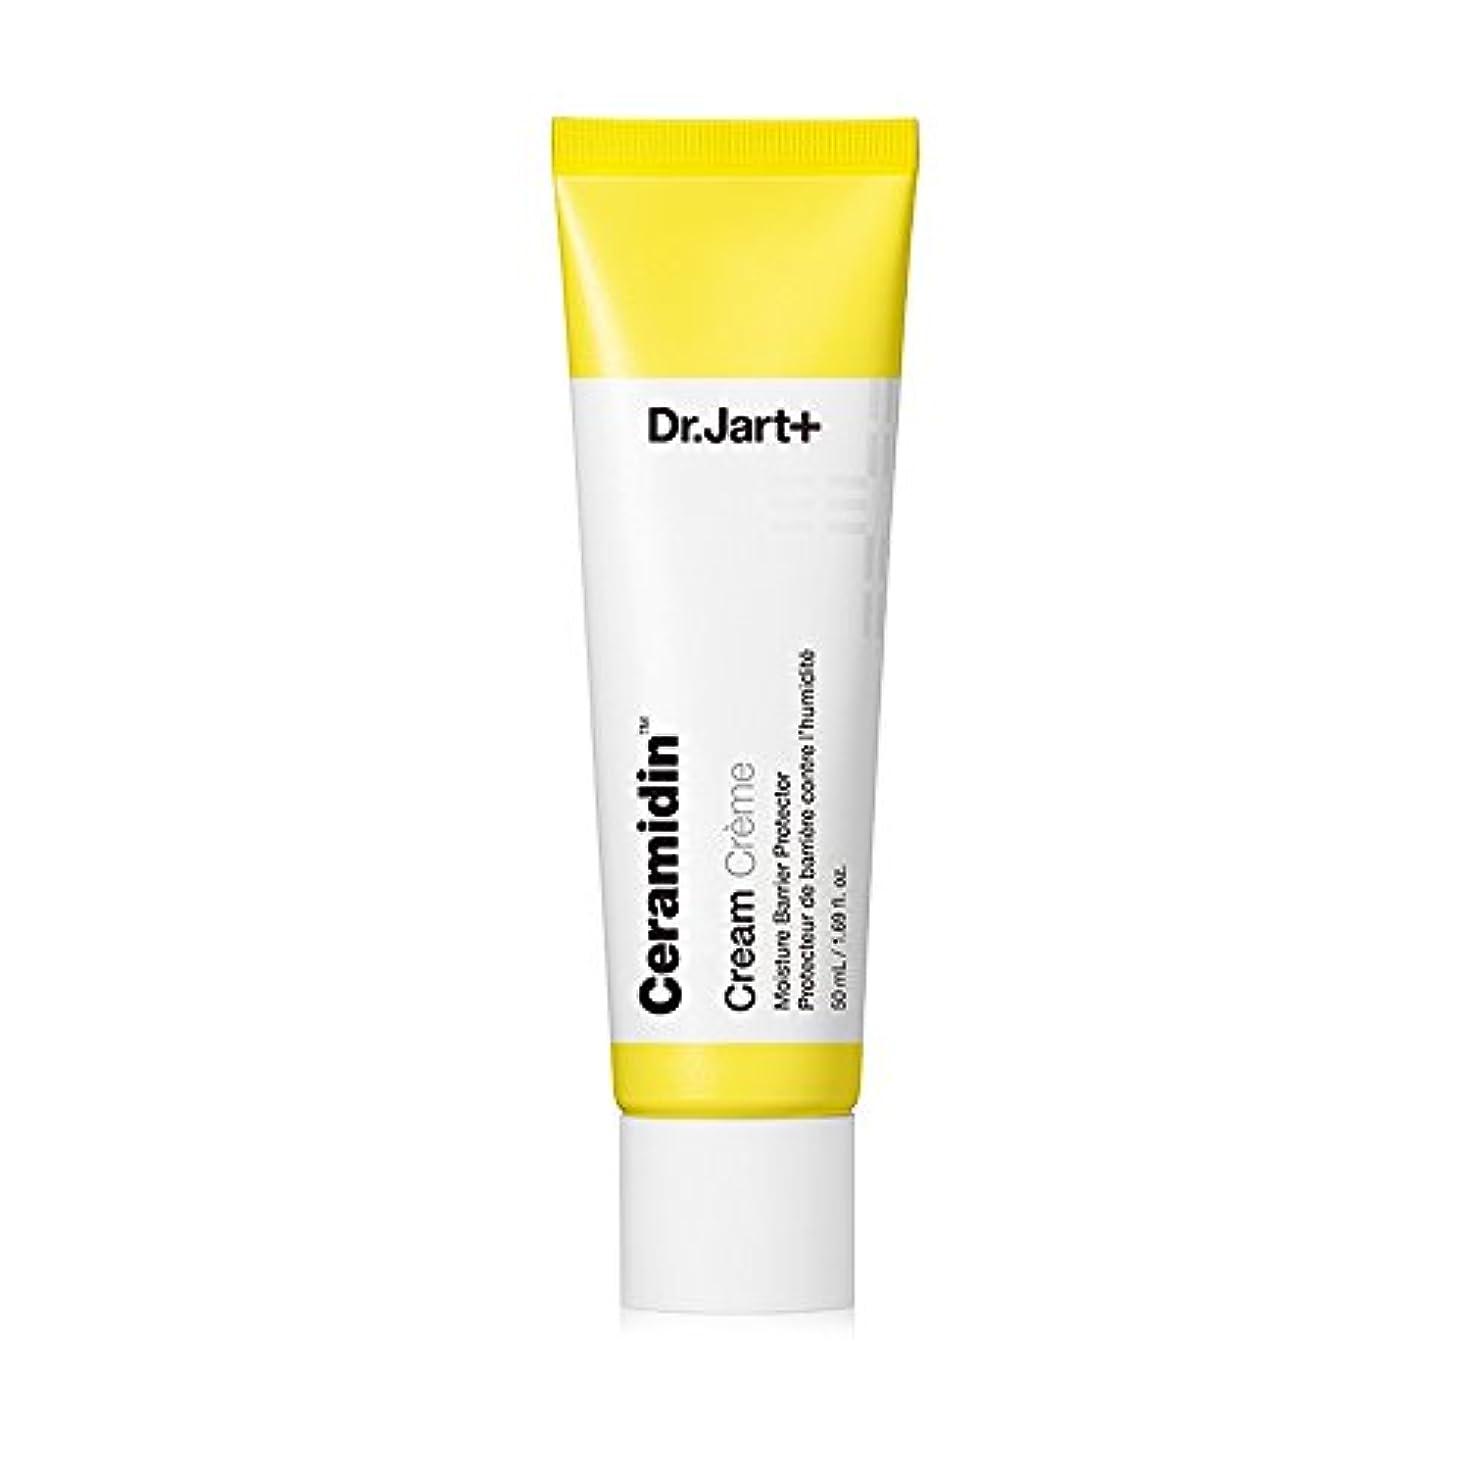 民族主義抑制リンケージ[Dr.jart + New Ceramidin Cream 50ml] ドクタージャルトニューセラミーディン クリーム50ml